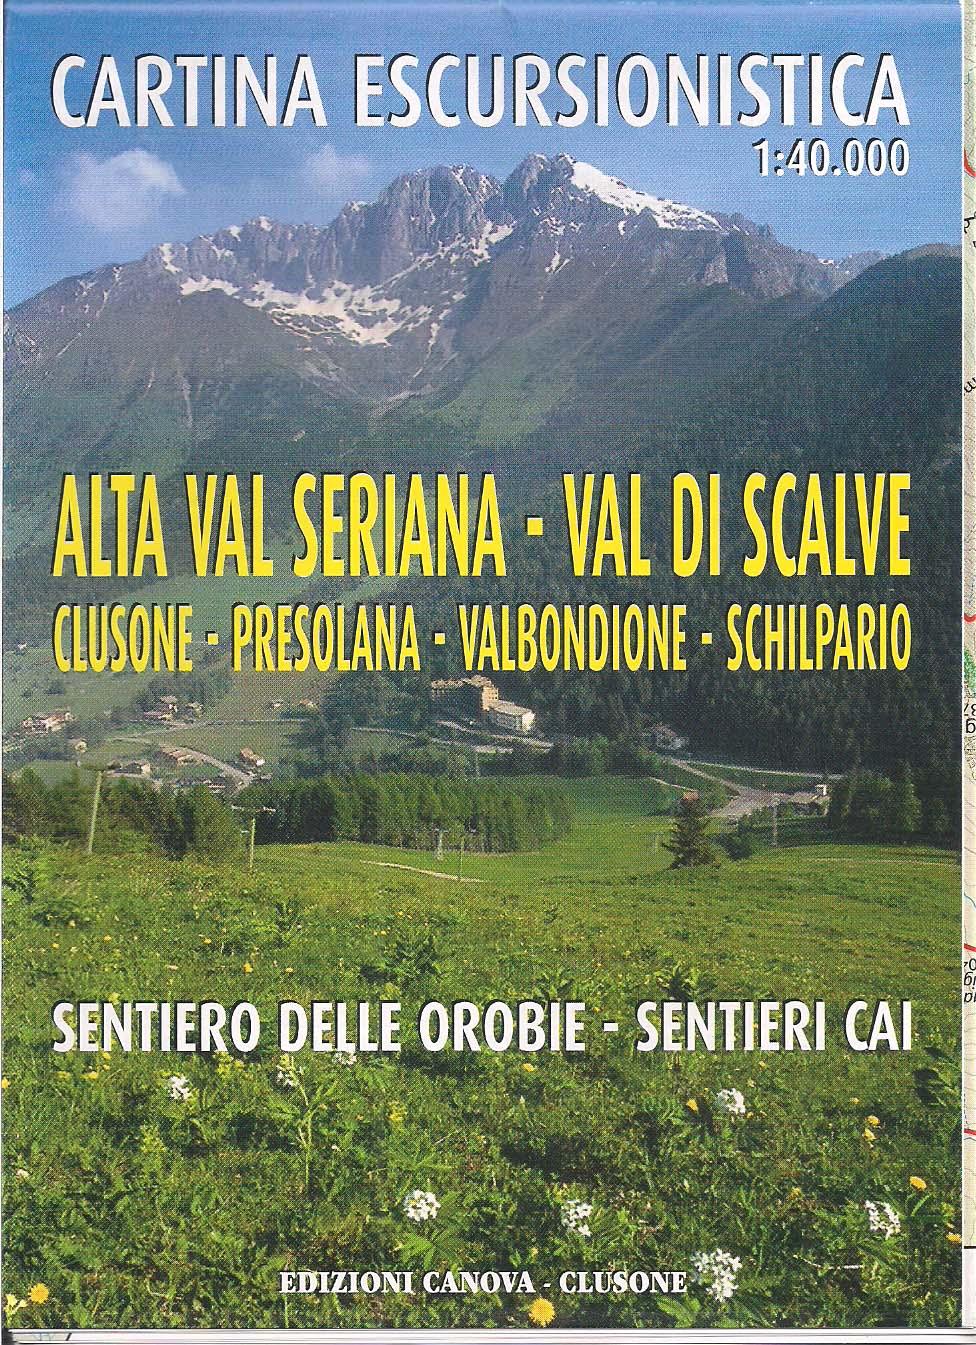 cartina-escursionistica-alta-valle-seriana